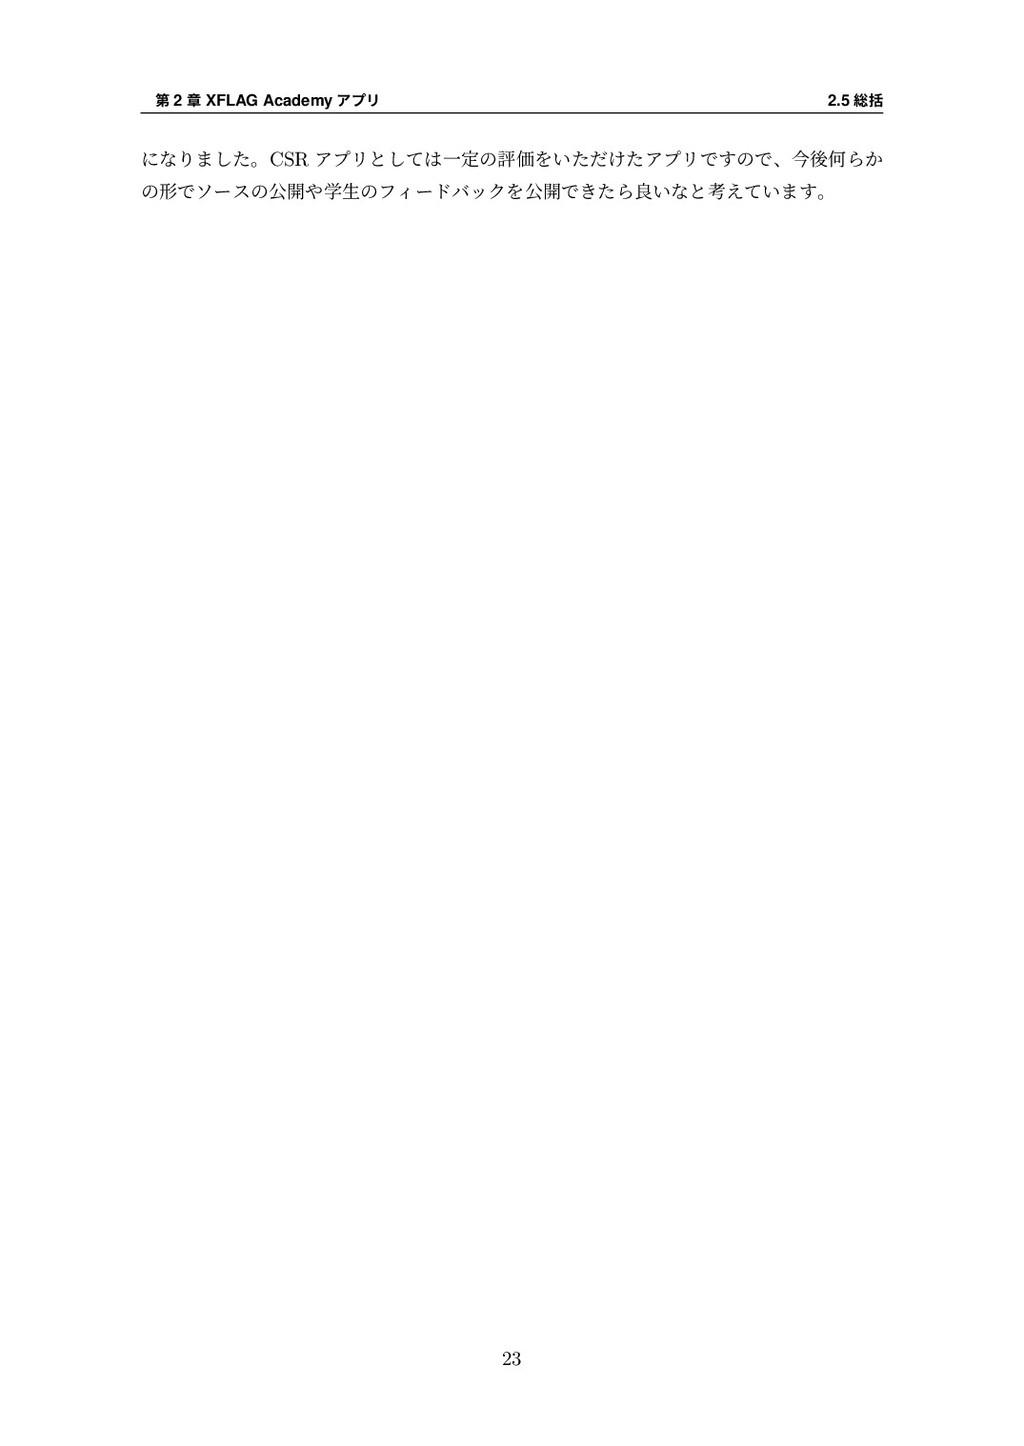 第 2 章 XFLAG Academy アプリ 2.5 総括 になりました。CSR アプリとし...